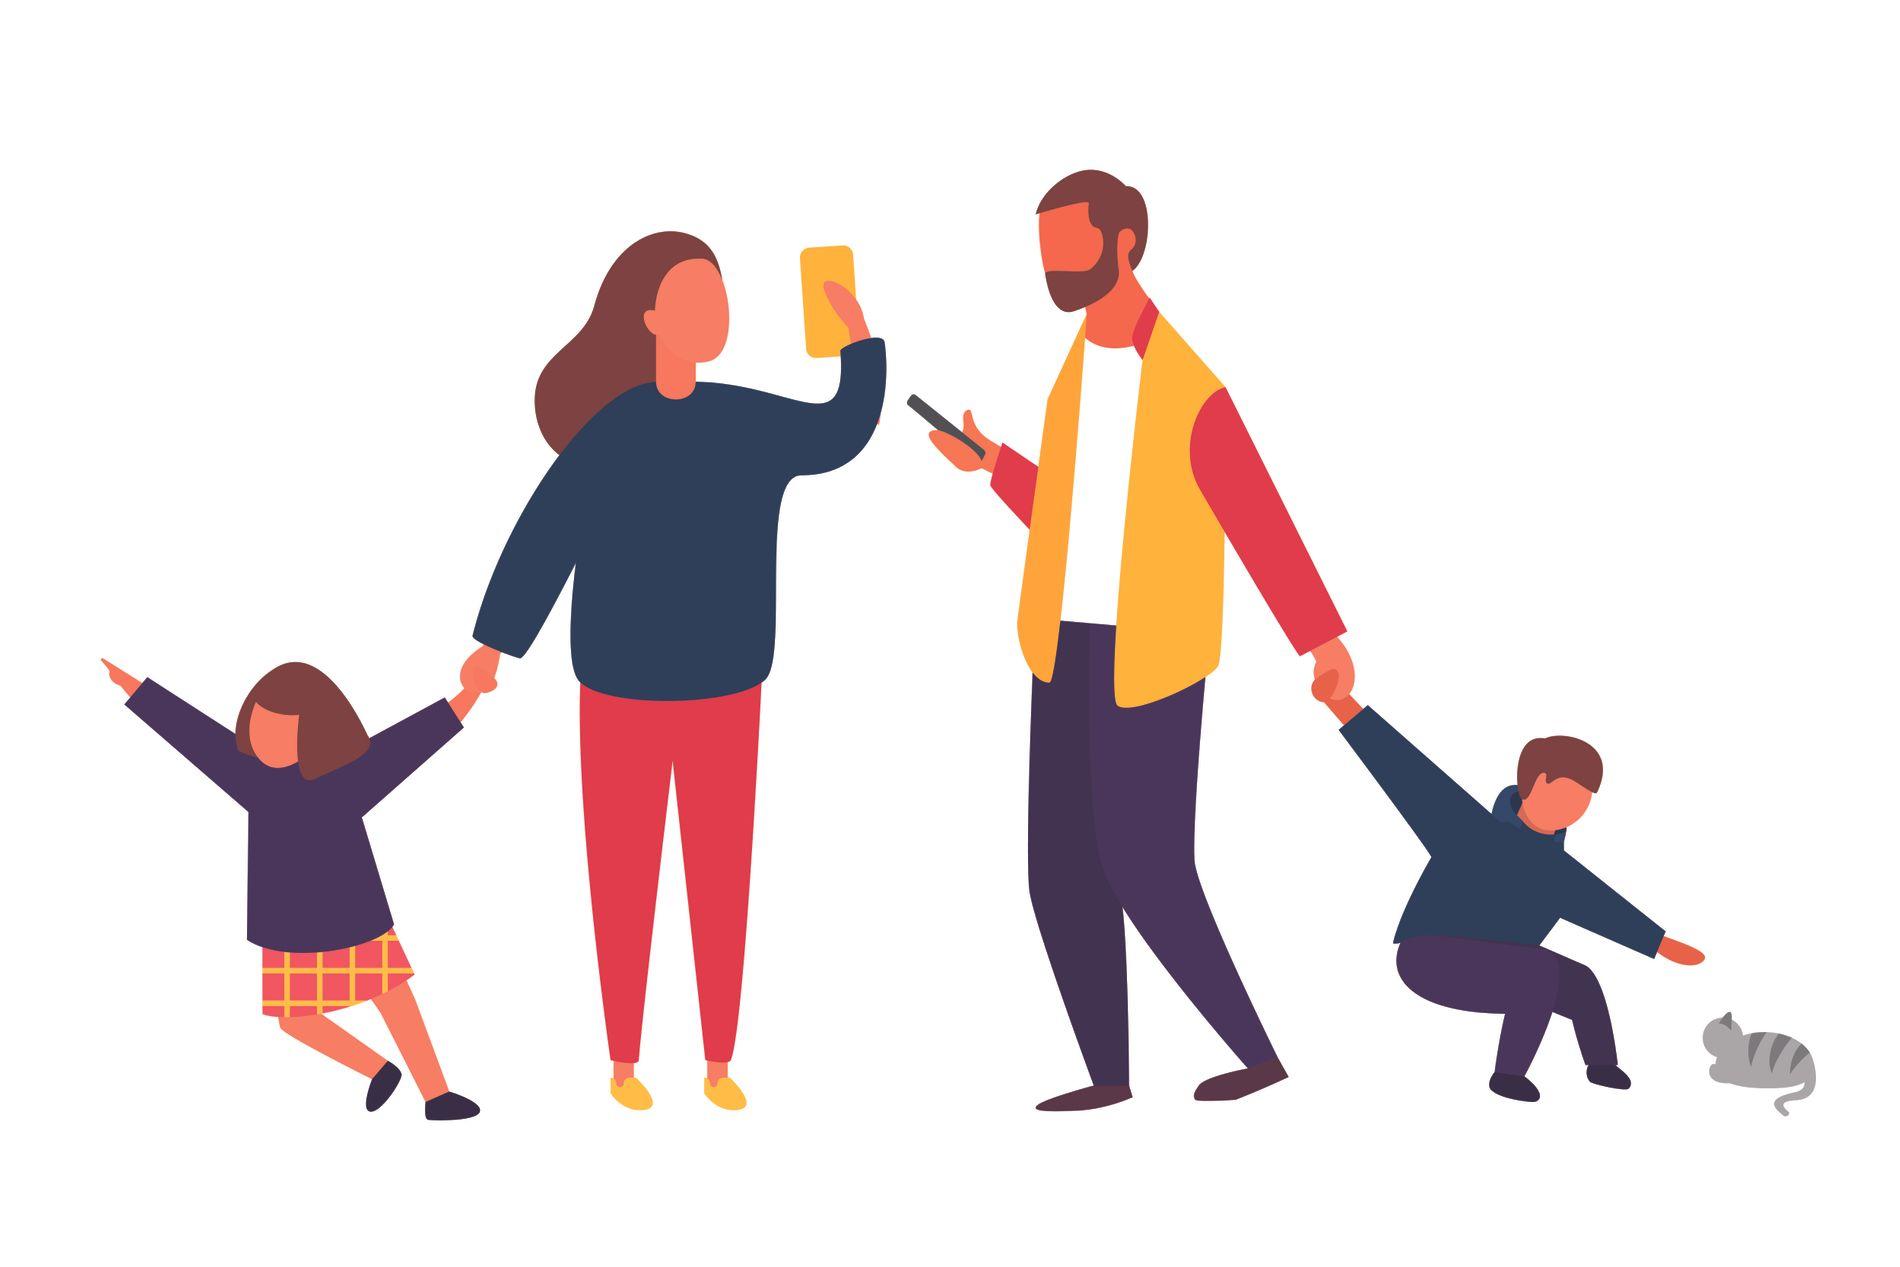 MOBILEN TAR OVER: Det er utrolig trist når verdifull tid med barna våre, foreldrene våre og dem vi er glad i går tapt til fordel for en skjem, skriver Marte Haugen. ILLUSTRASJON: NTB scanpix